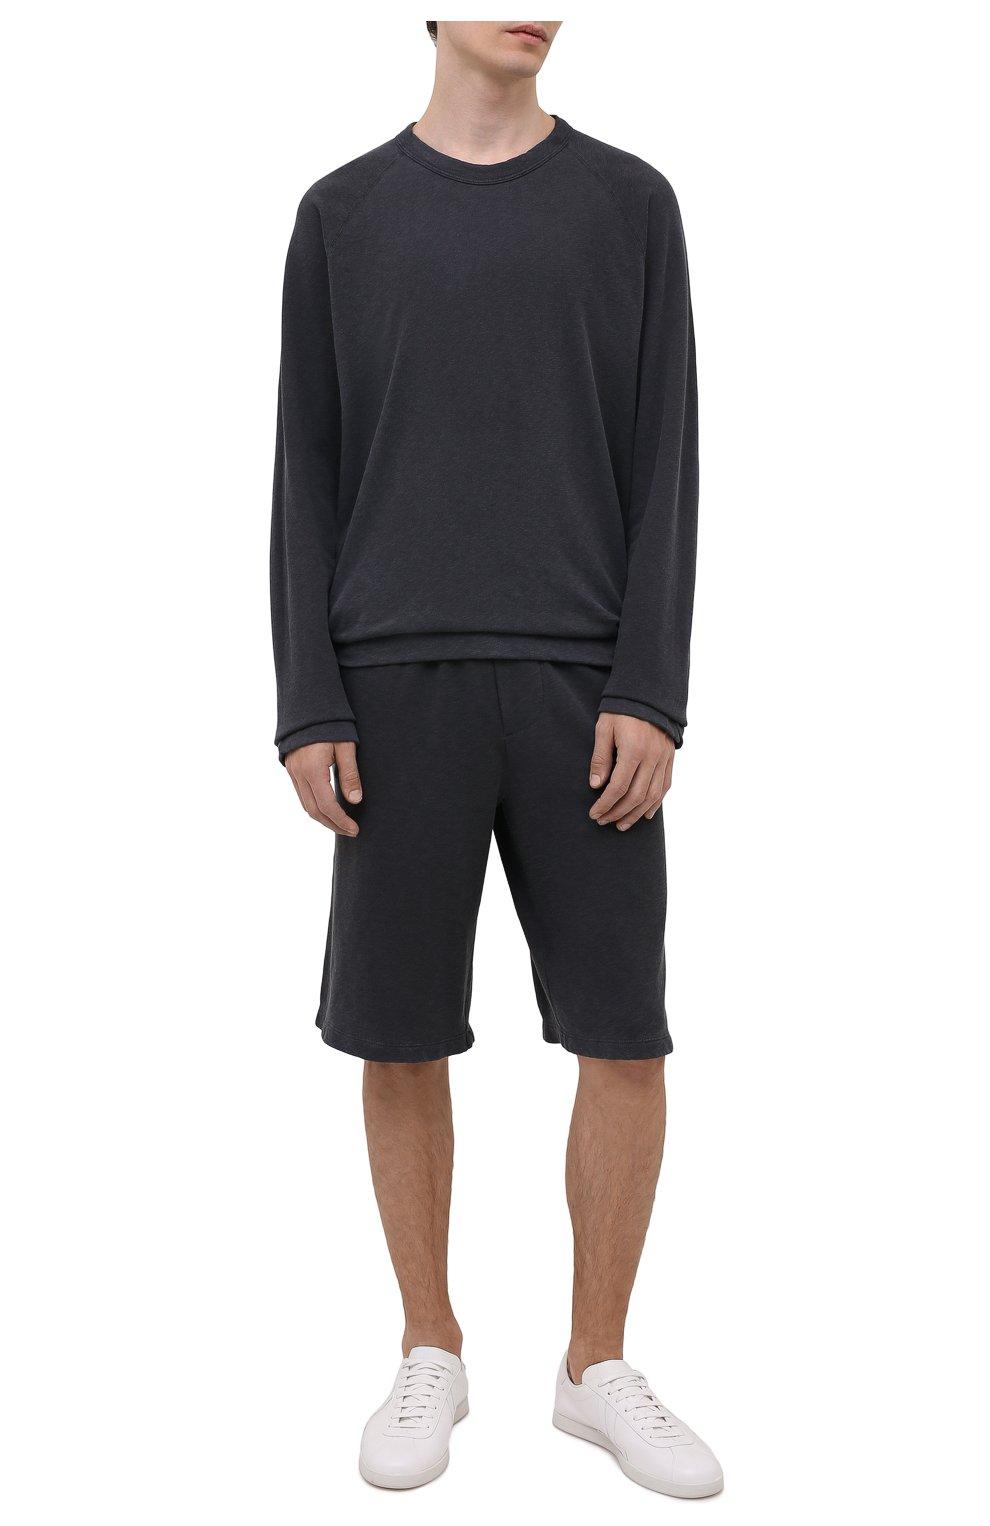 Мужской хлопковый свитшот JAMES PERSE темно-серого цвета, арт. MXA3278   Фото 2 (Рукава: Длинные; Принт: Без принта; Длина (для топов): Удлиненные; Мужское Кросс-КТ: свитшот-одежда; Материал внешний: Хлопок; Стили: Спорт-шик)